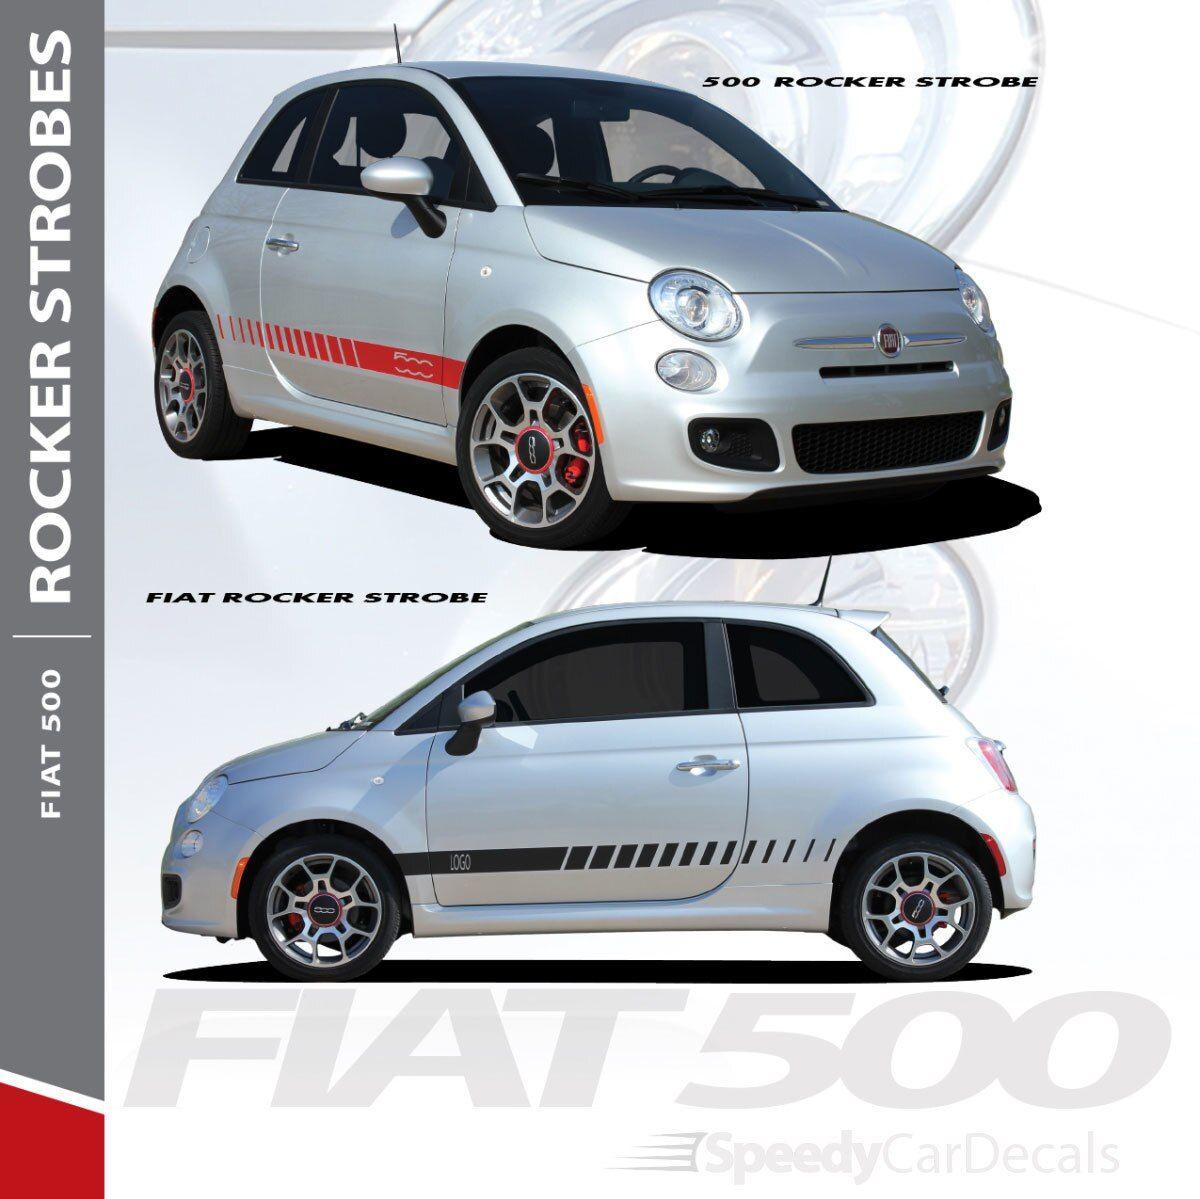 Fiat Abarth Stripes Fiat 500 Rocker Strobe 3m 2012 2019 Premium Auto Striping Fiat 500 Fiat Stripe Kit [ 1199 x 1200 Pixel ]